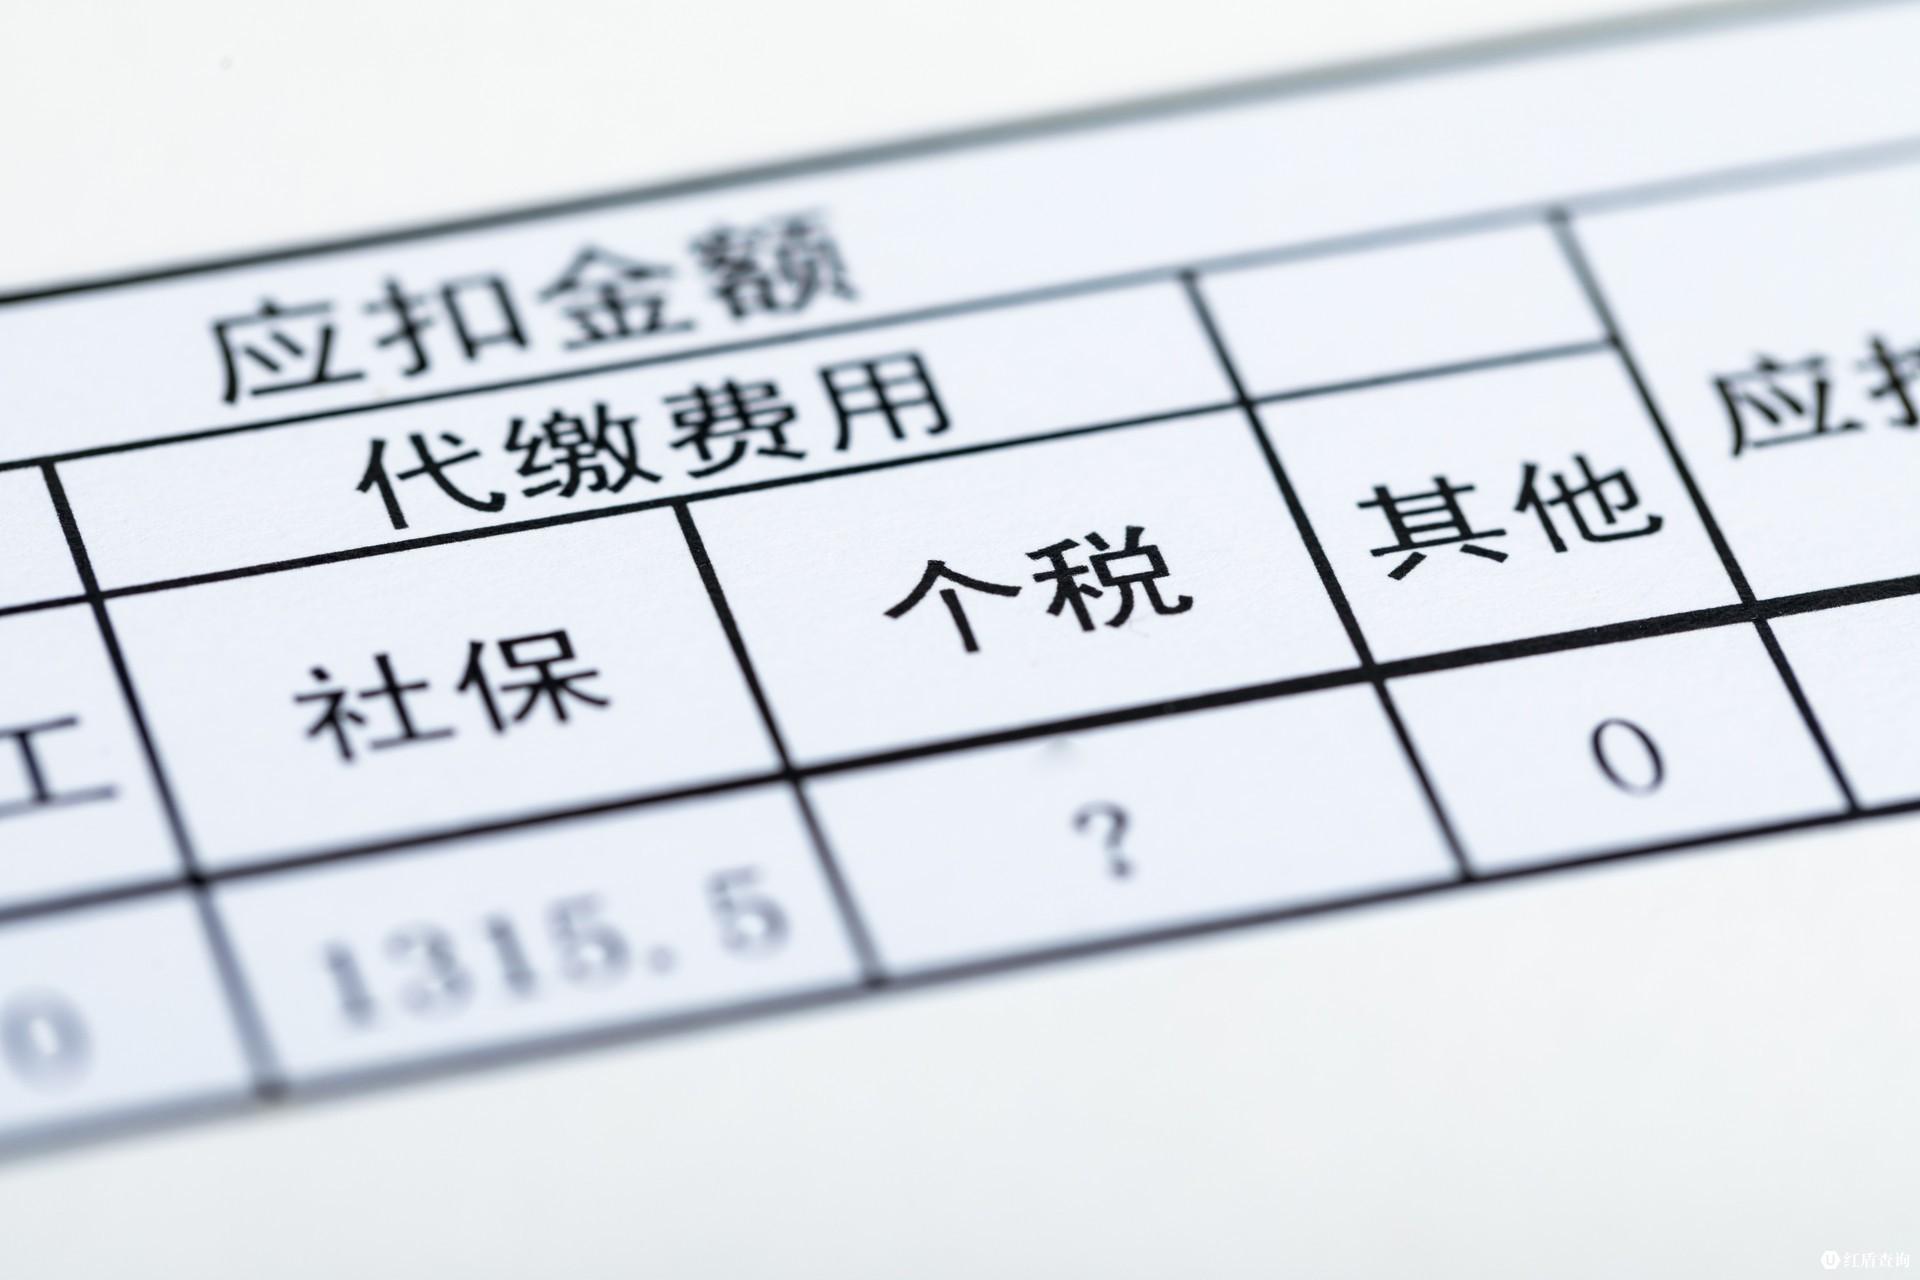 摄图网_501139822_banner_个人所得税(企业商用)